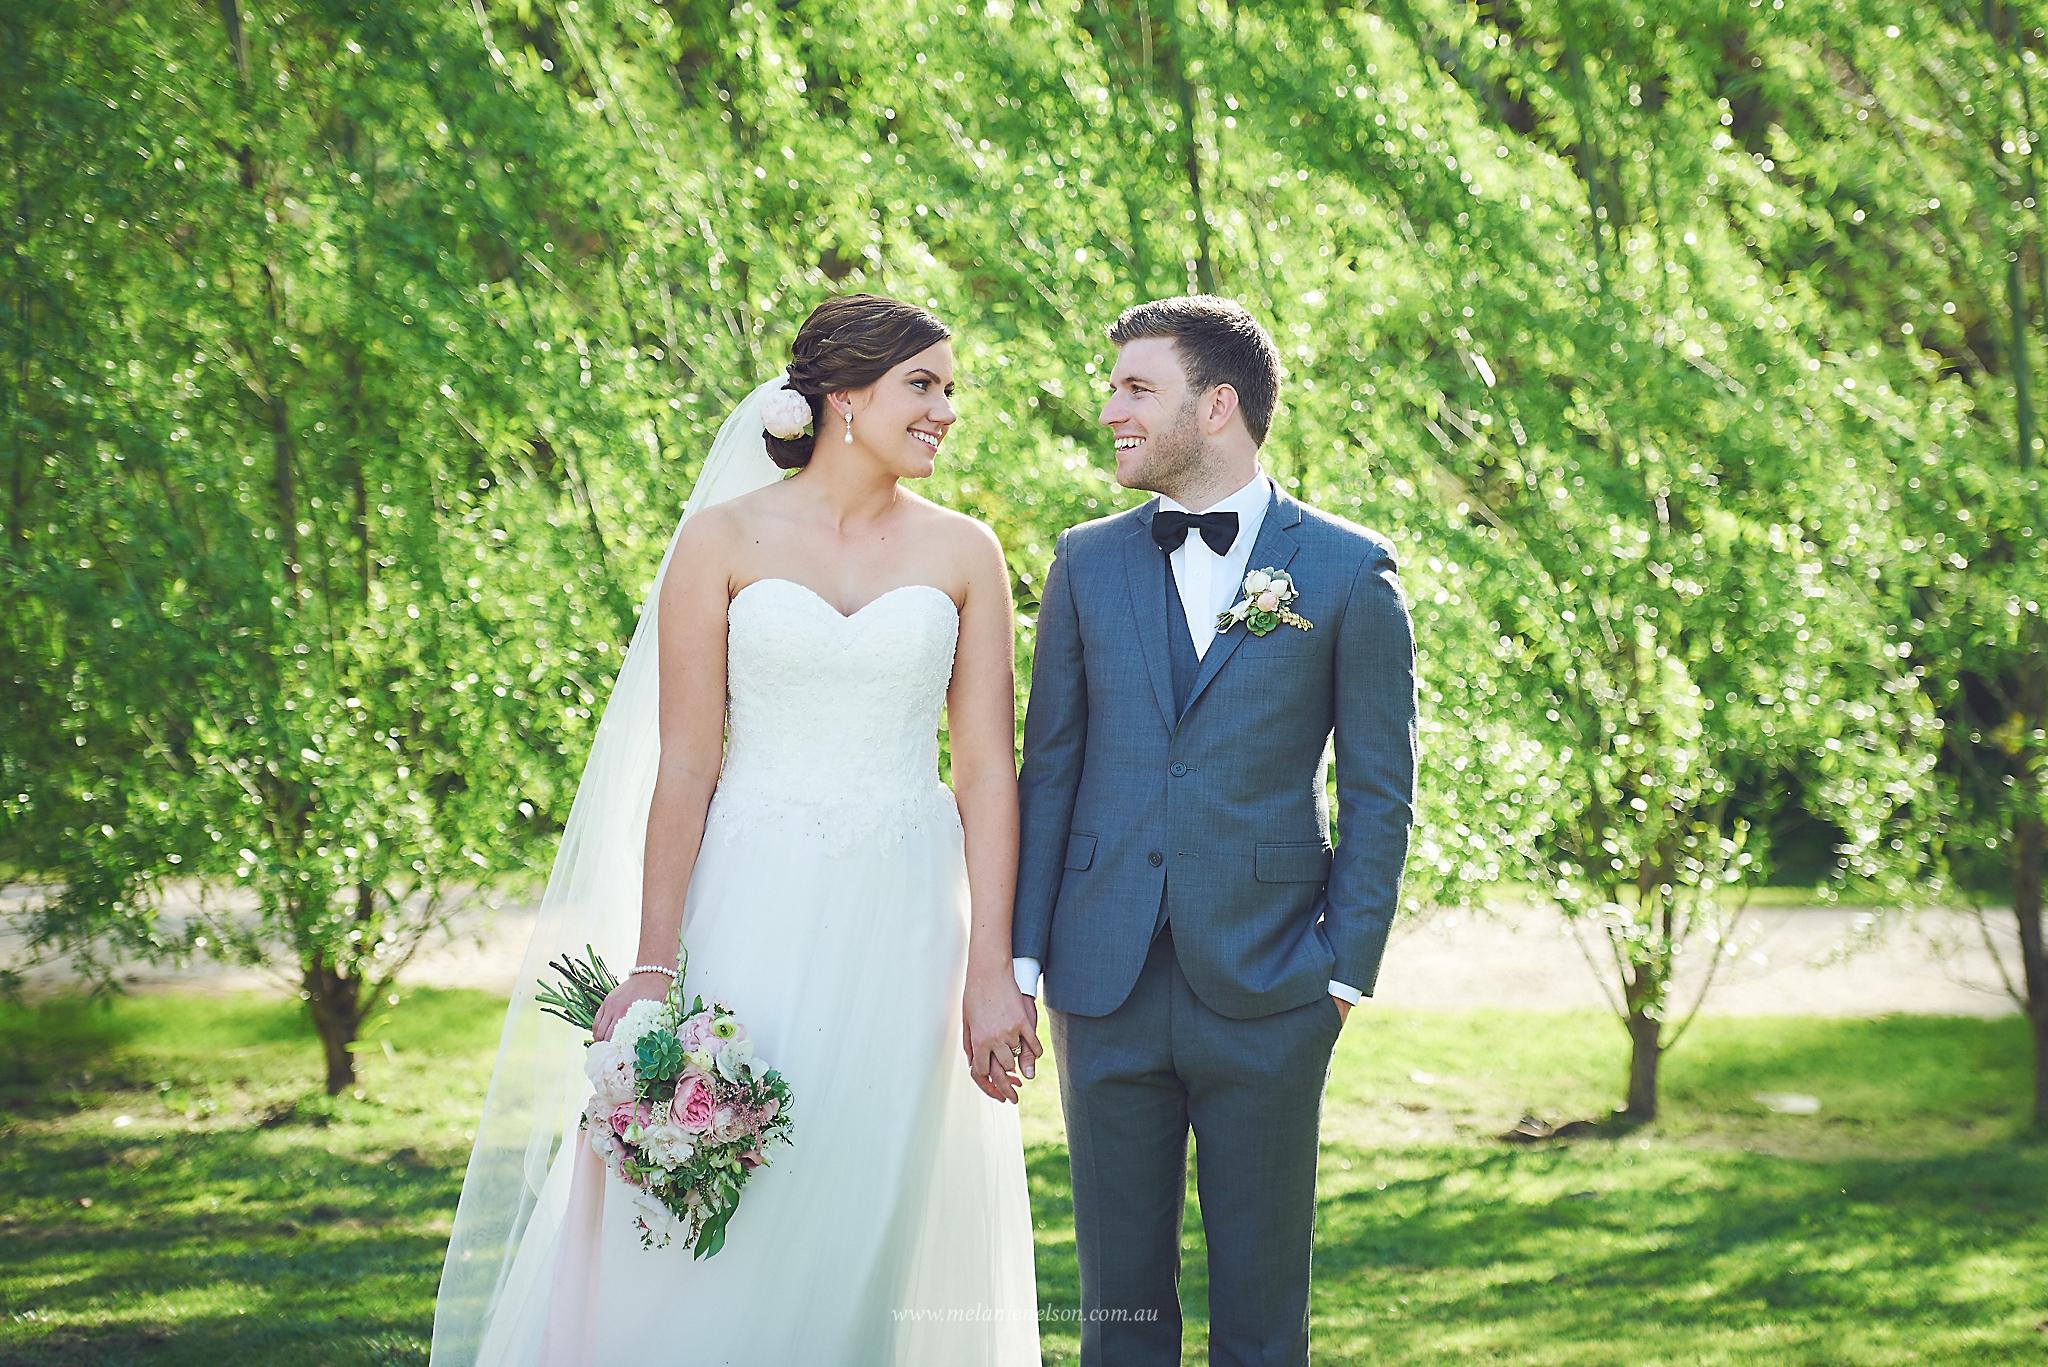 howards_vineyard_wedding_0008.jpg